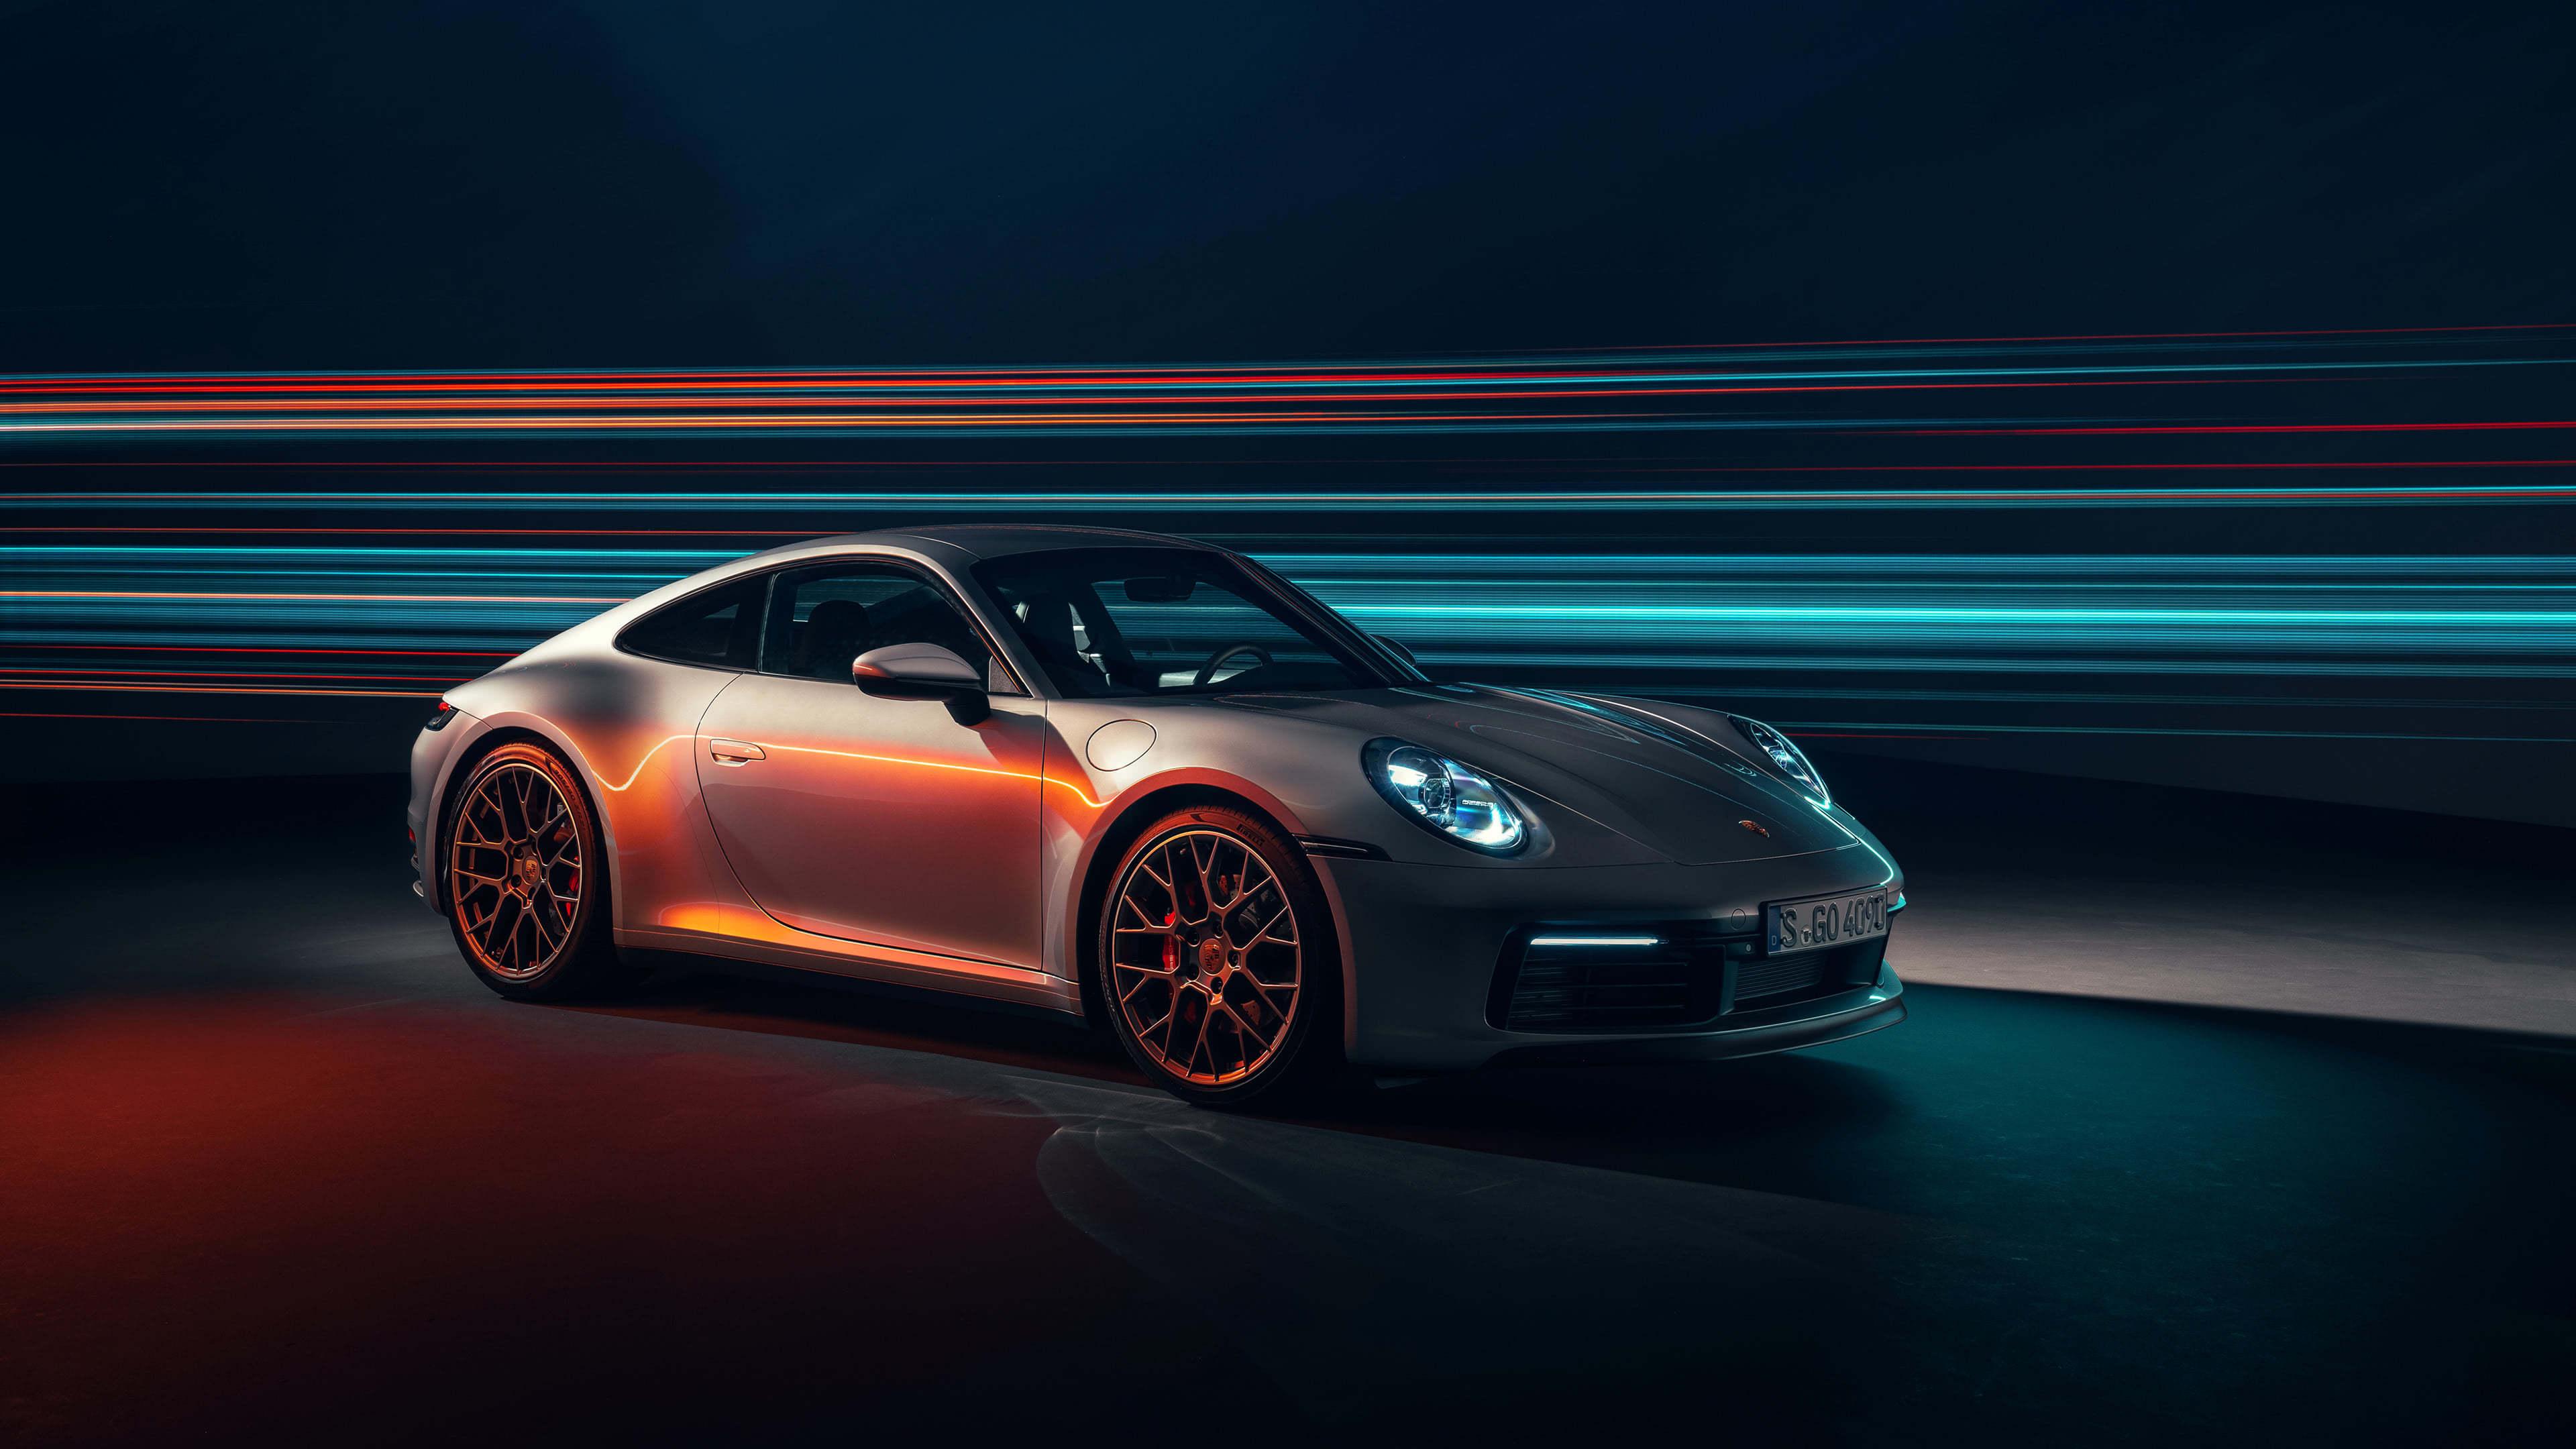 4k Porche Carrera Gt Wallpaper: Porsche 911 Carrera UHD 4K Wallpaper